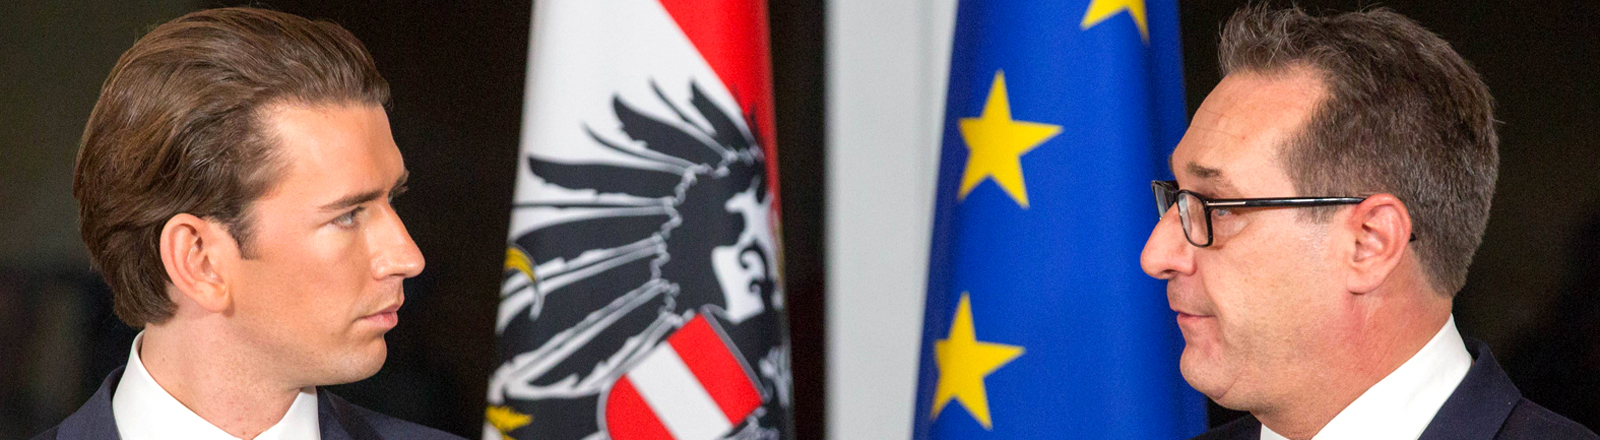 Heinz-Christian Strache und Sebastian Kurz, Regierungsbündnis Österreich